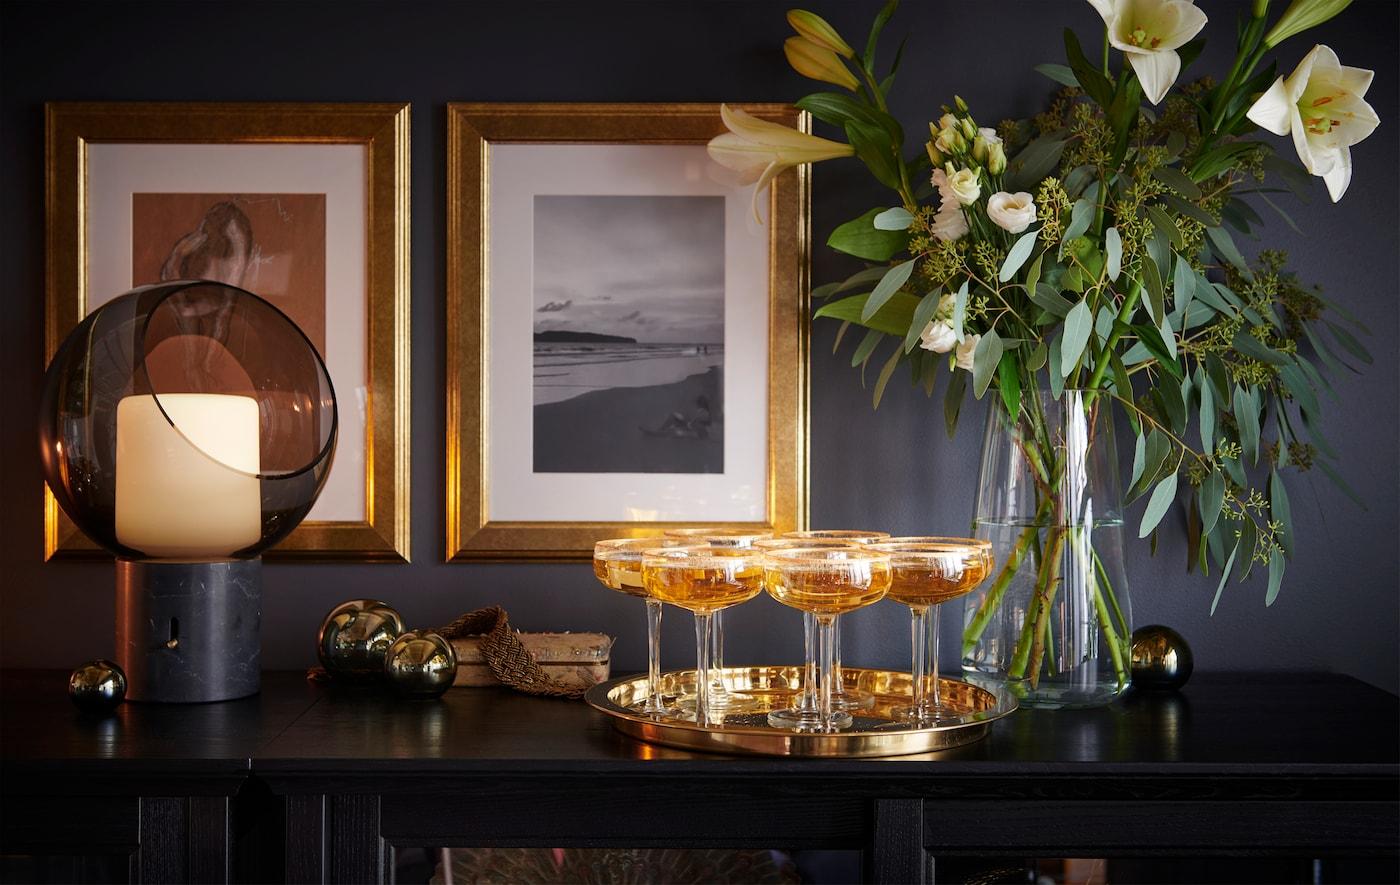 打算用闪闪发光的金饰和香槟迎接新年?我们为你准备了一些时髦又实惠的创意。